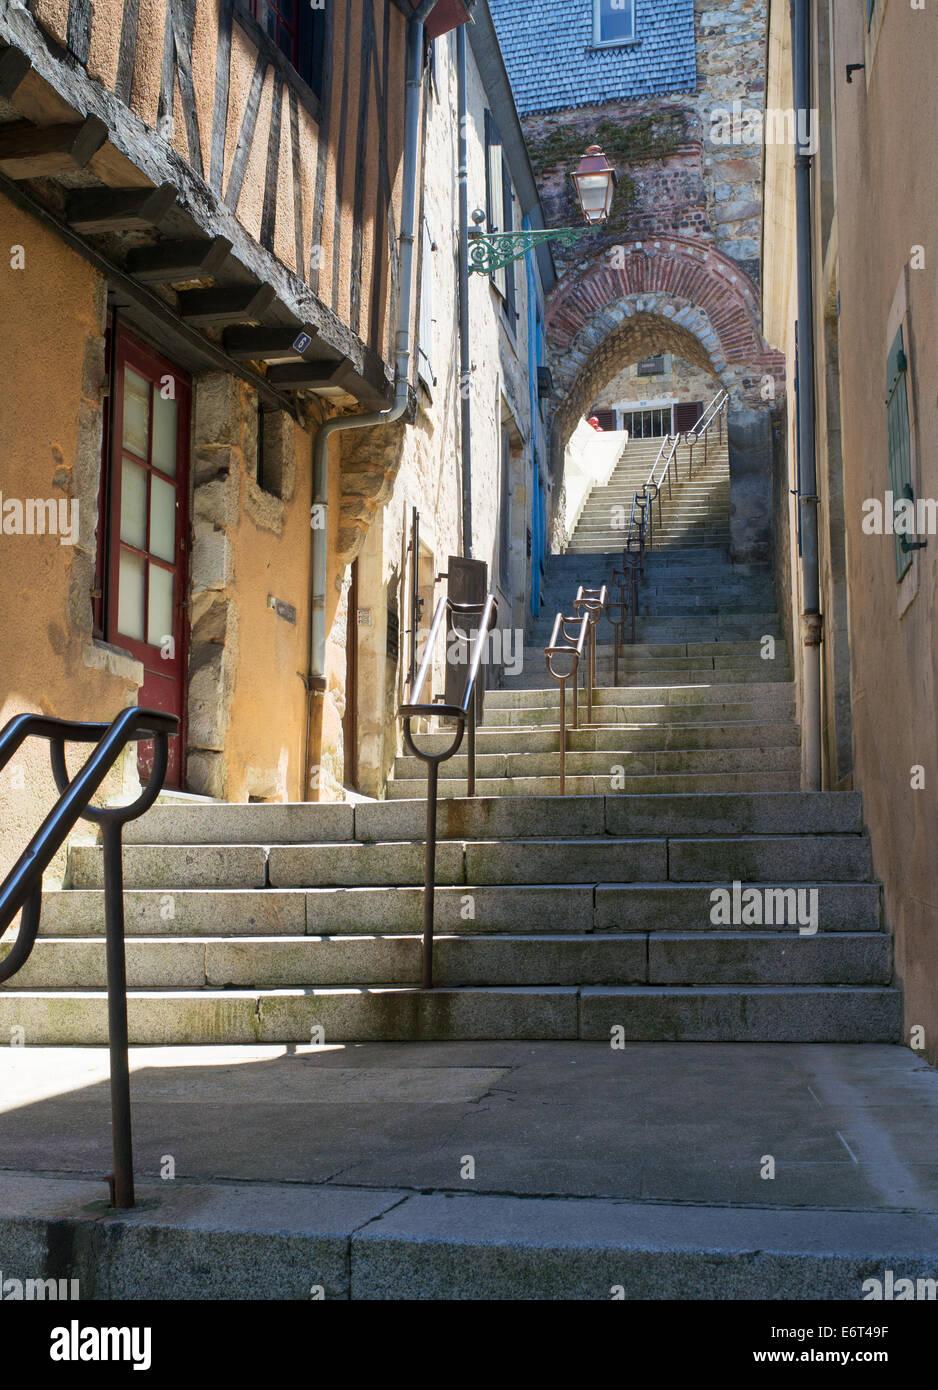 Ancien escalier de pierre L'escalier de la poterne, Le Mans, France, Europe Banque D'Images